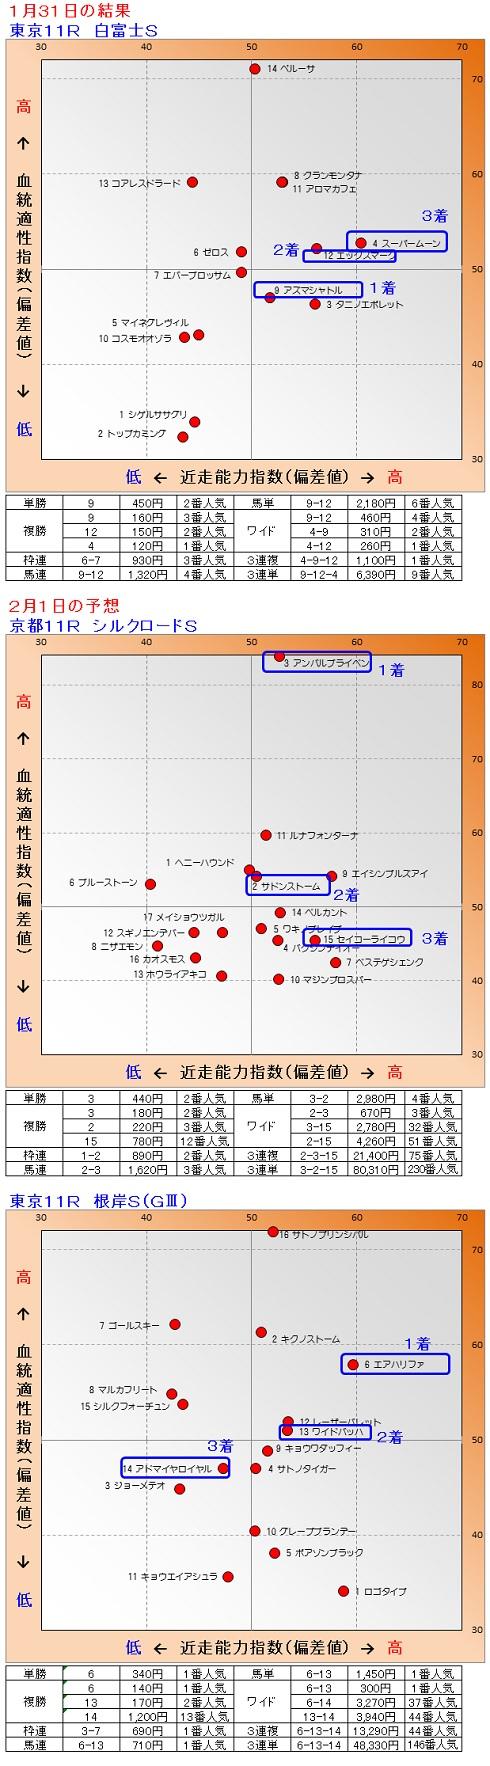 2015-01-3101結果